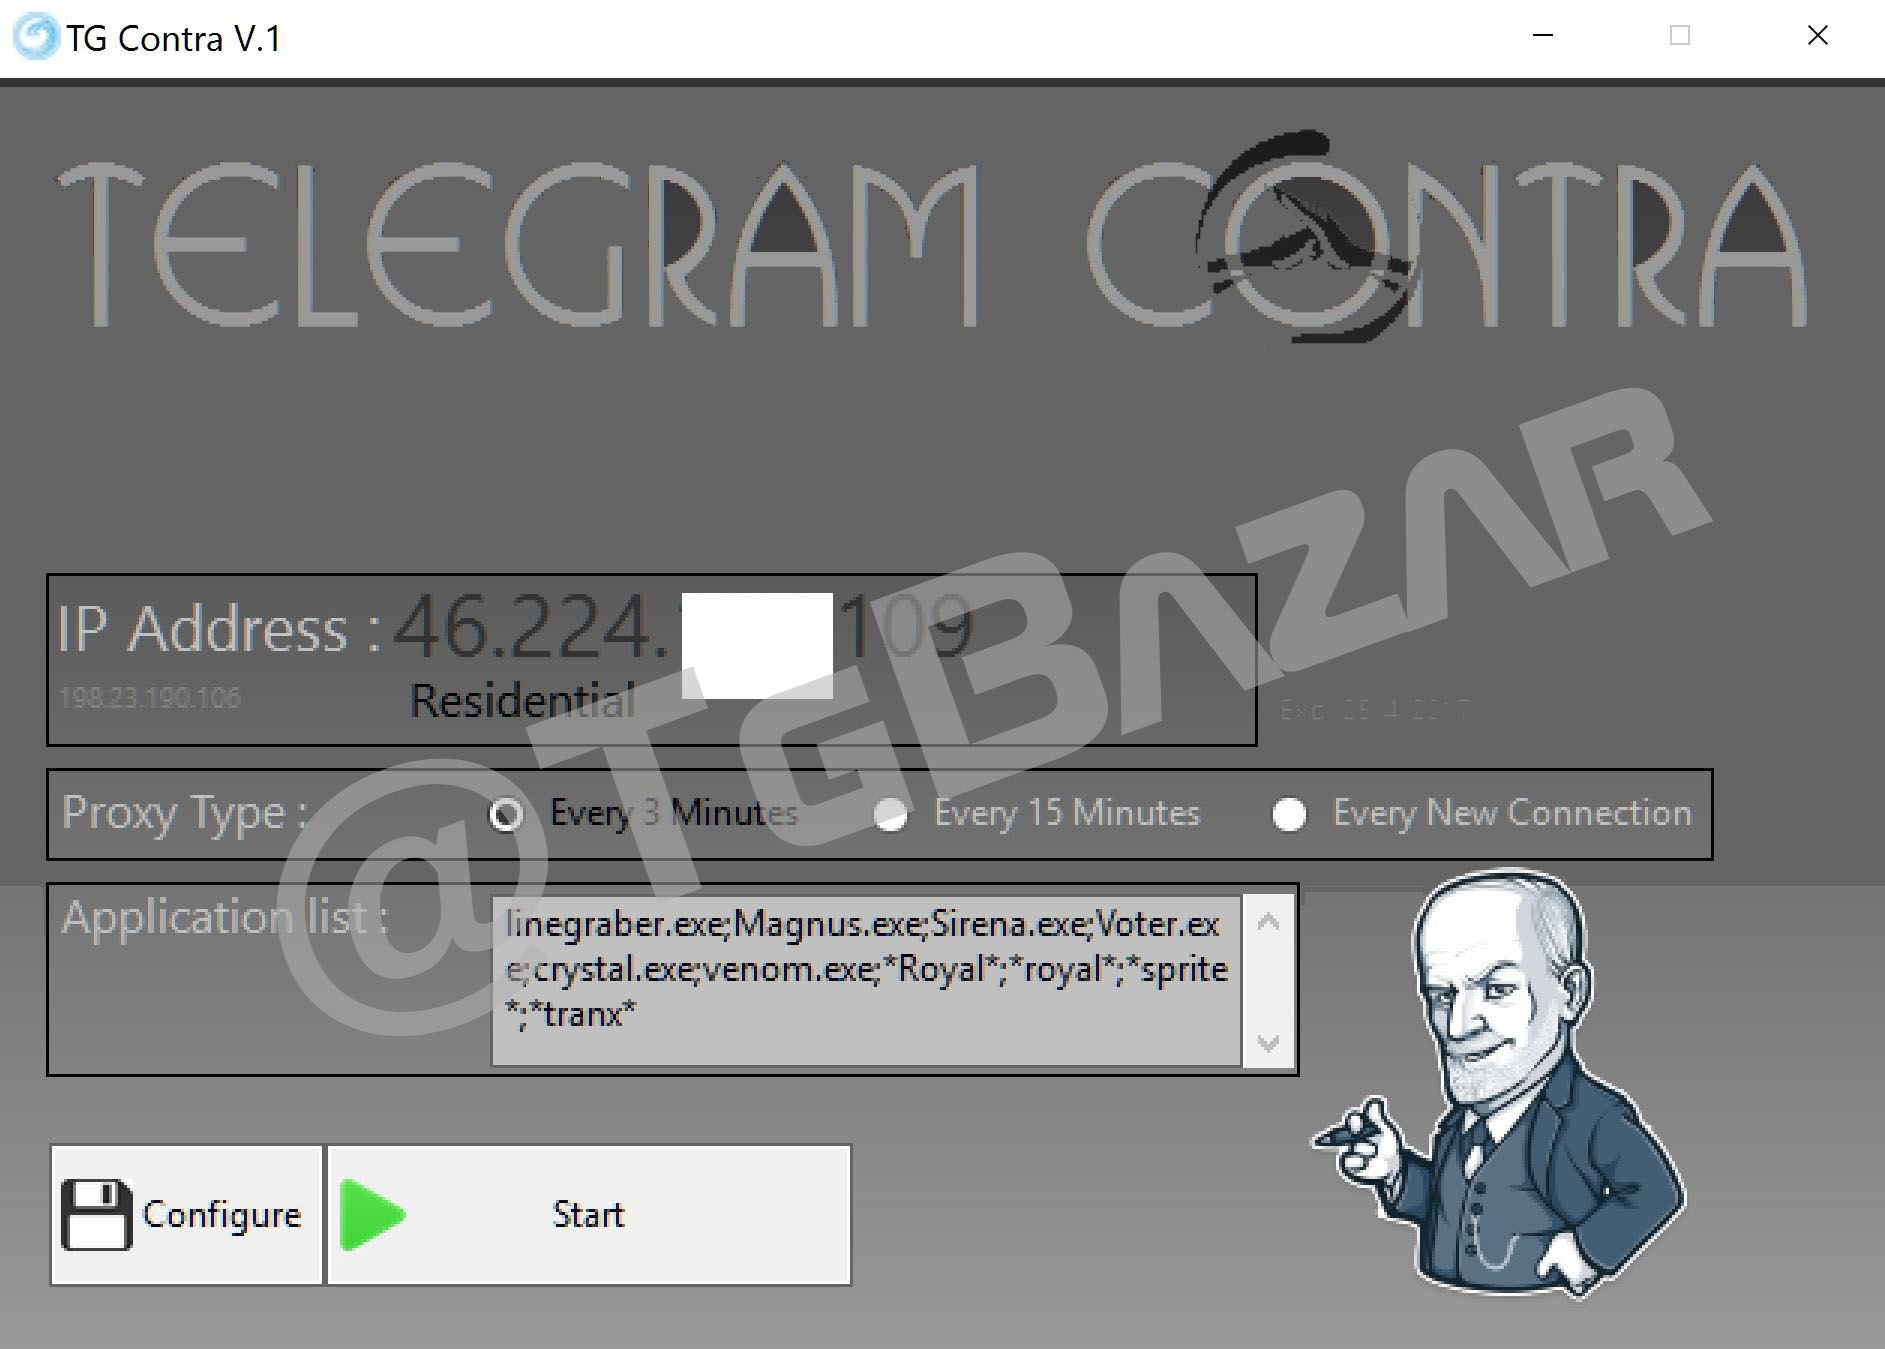 telegram contra